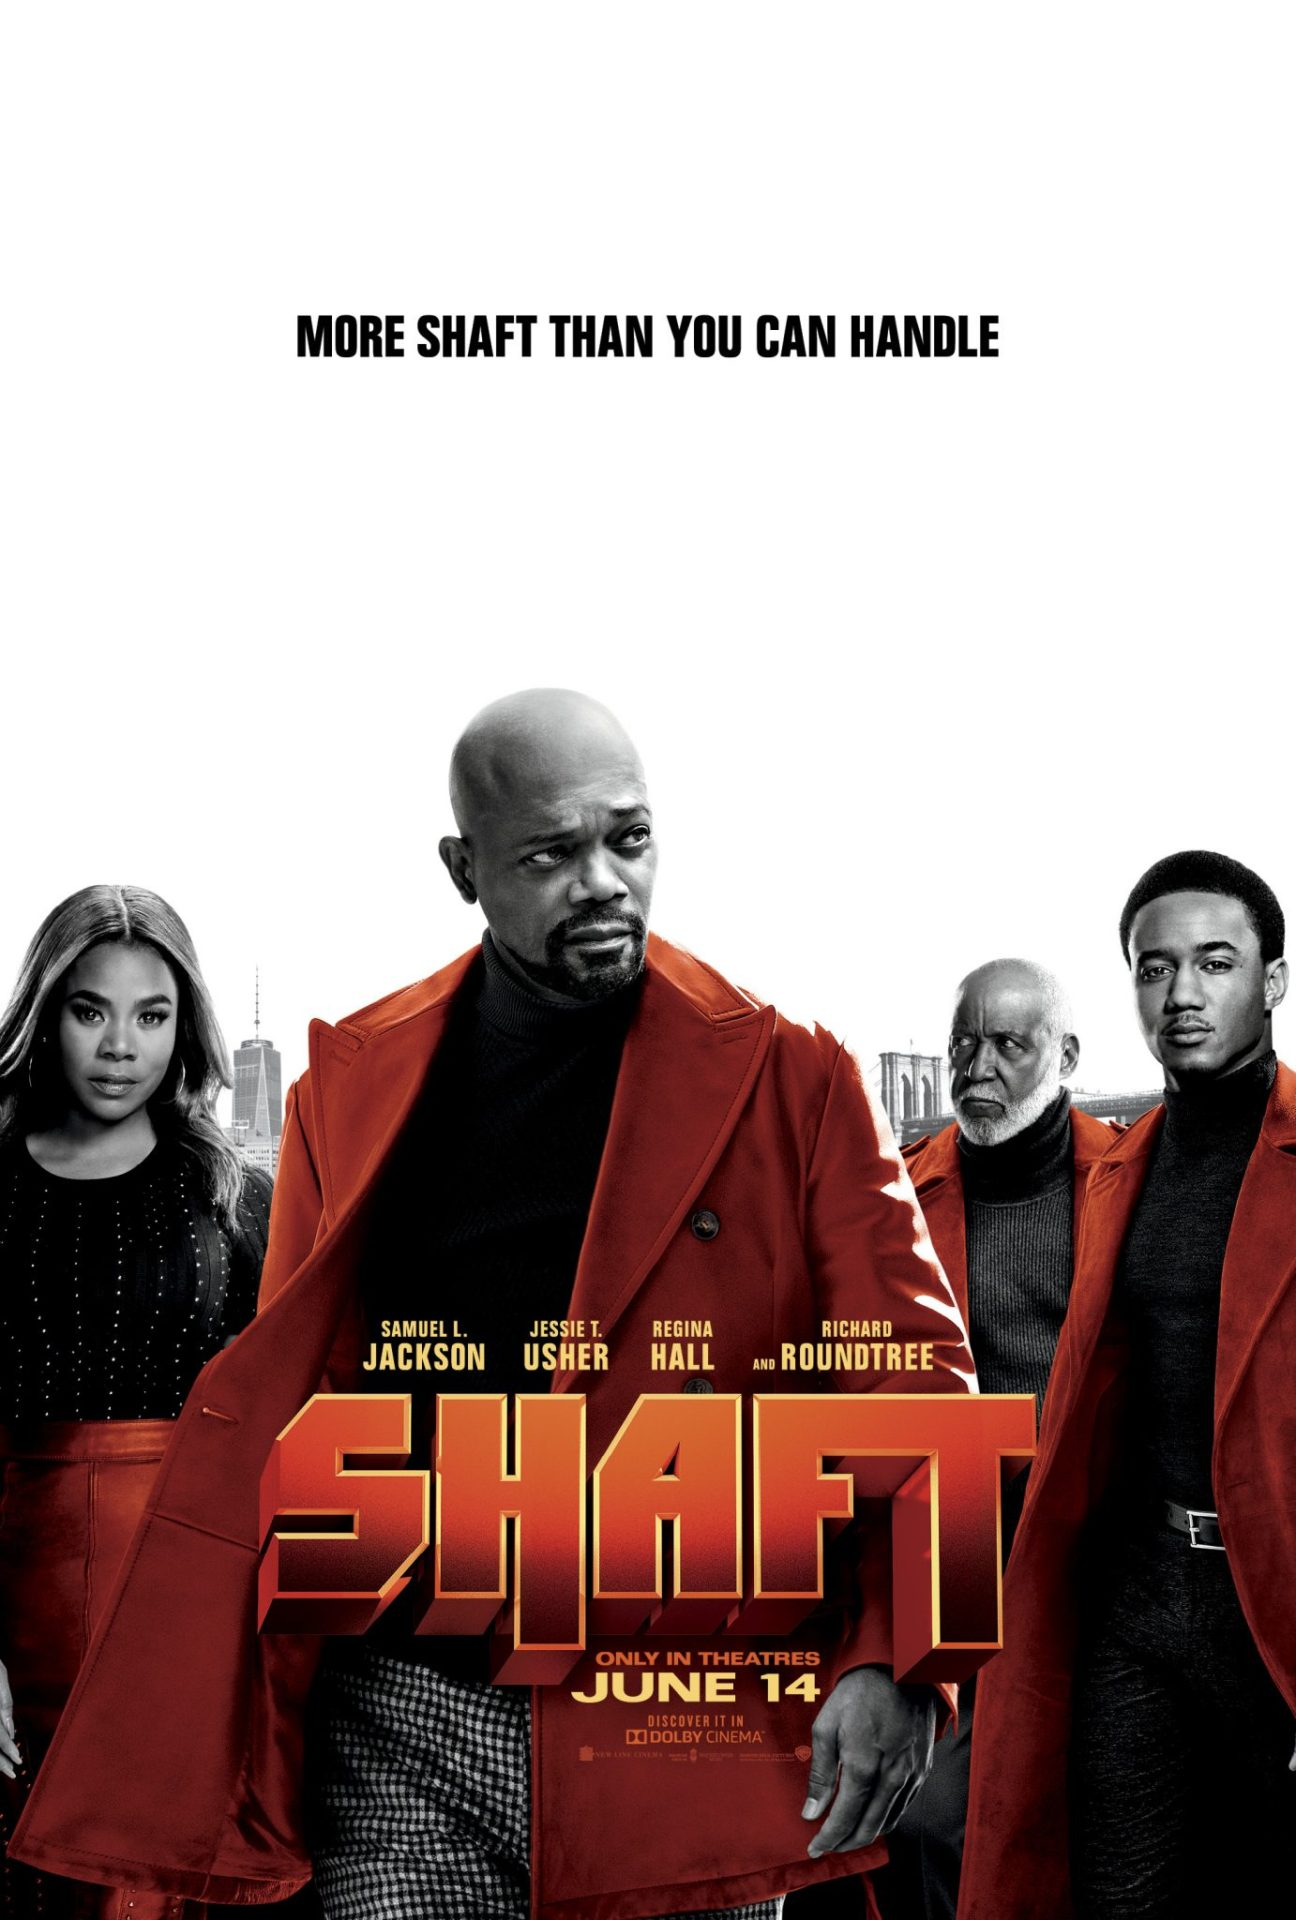 Shaft_Advance_Walkers_27x40_1Sheet